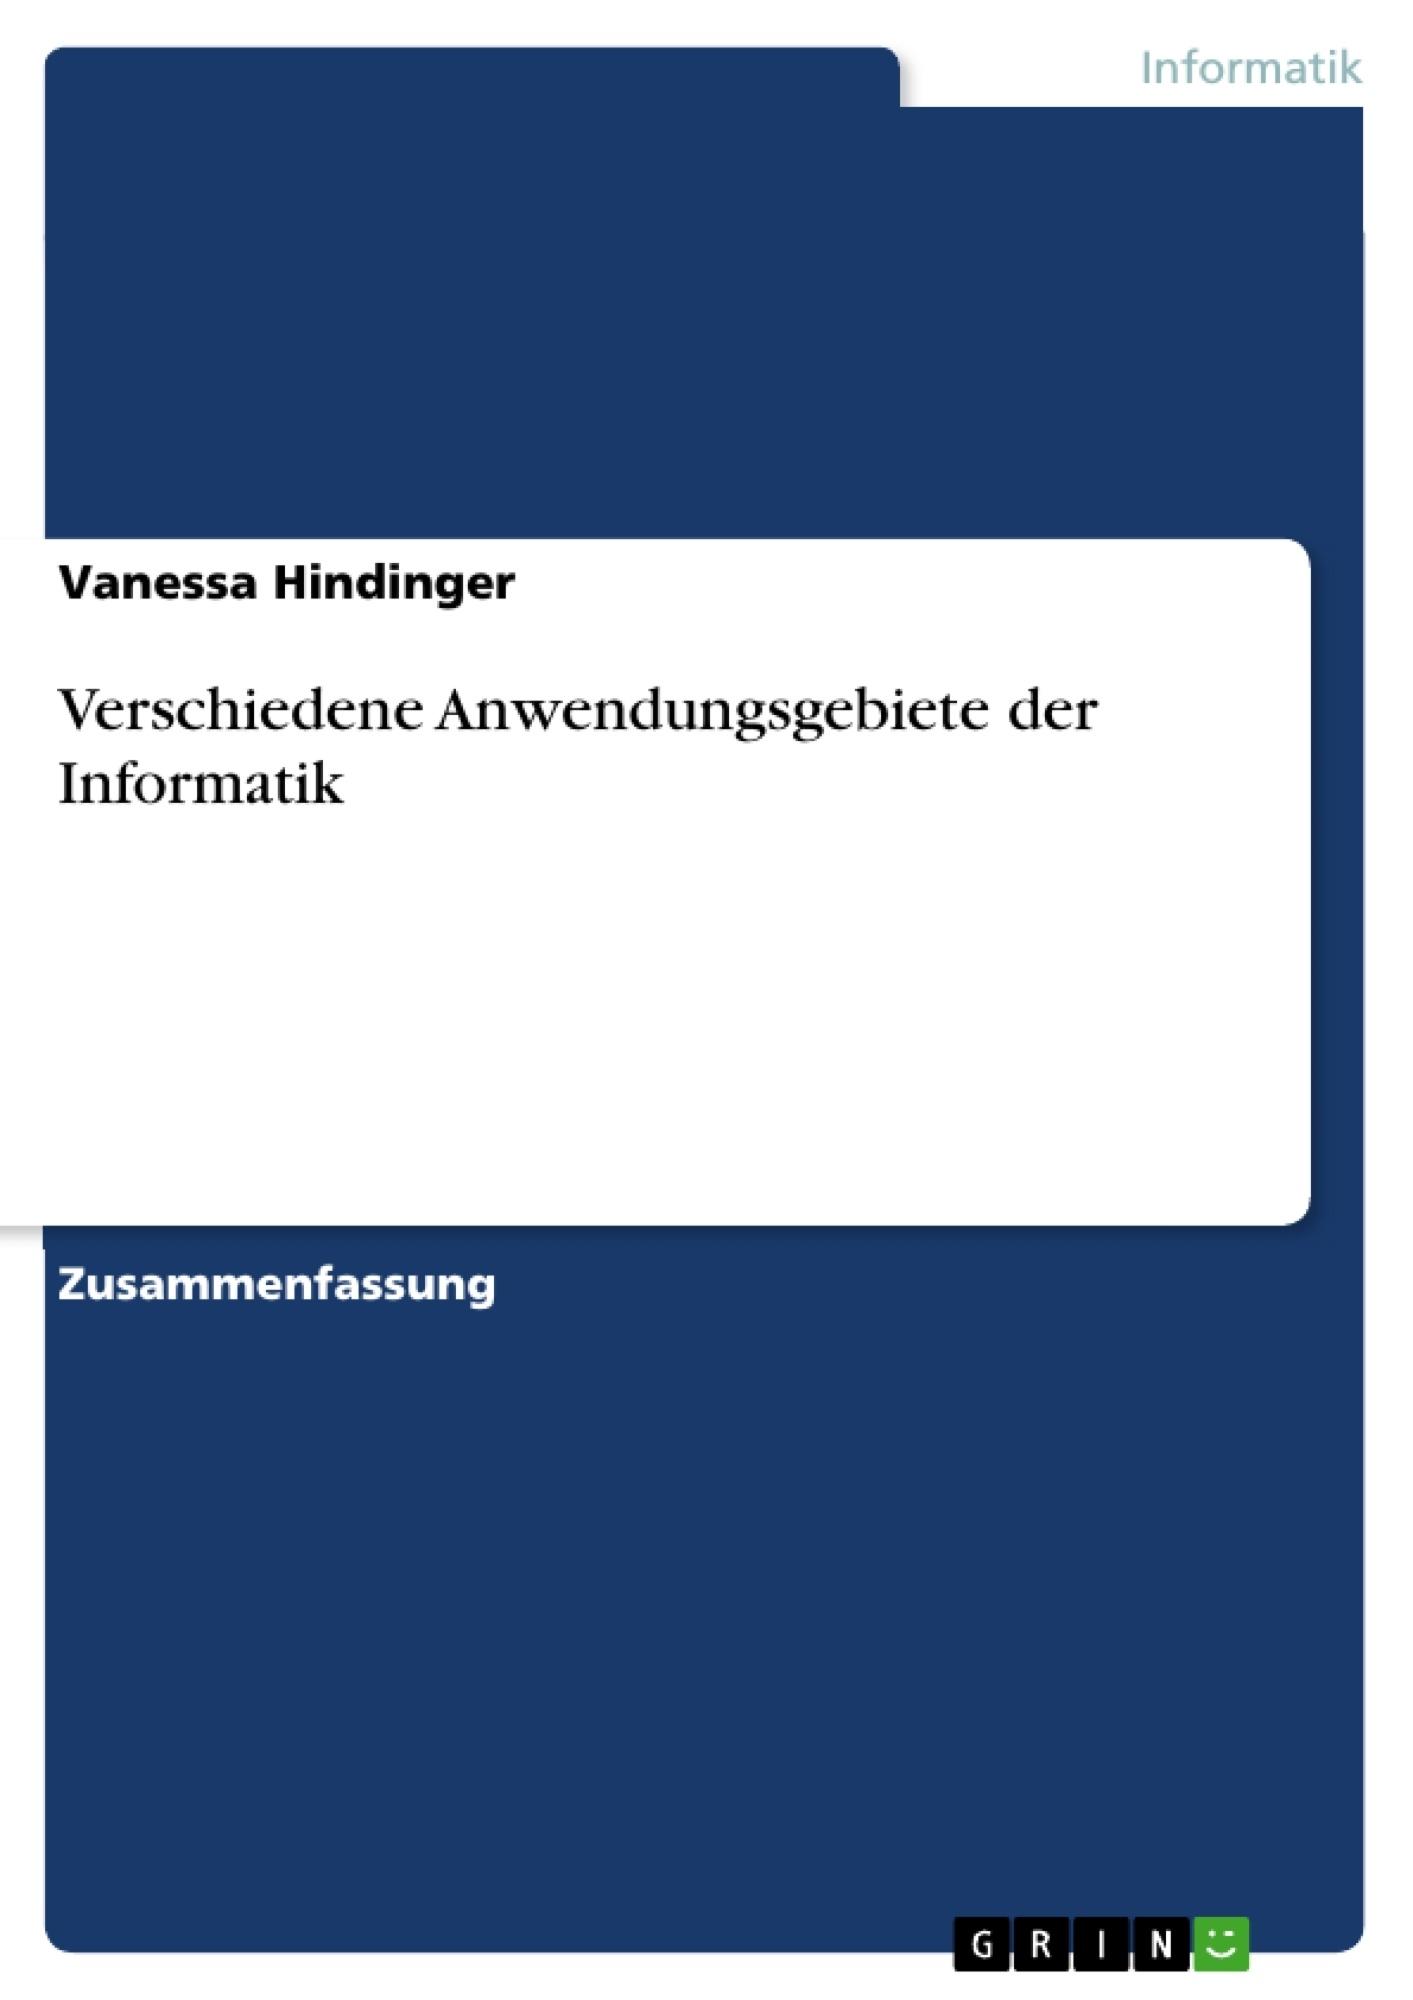 Titel: Verschiedene Anwendungsgebiete der Informatik